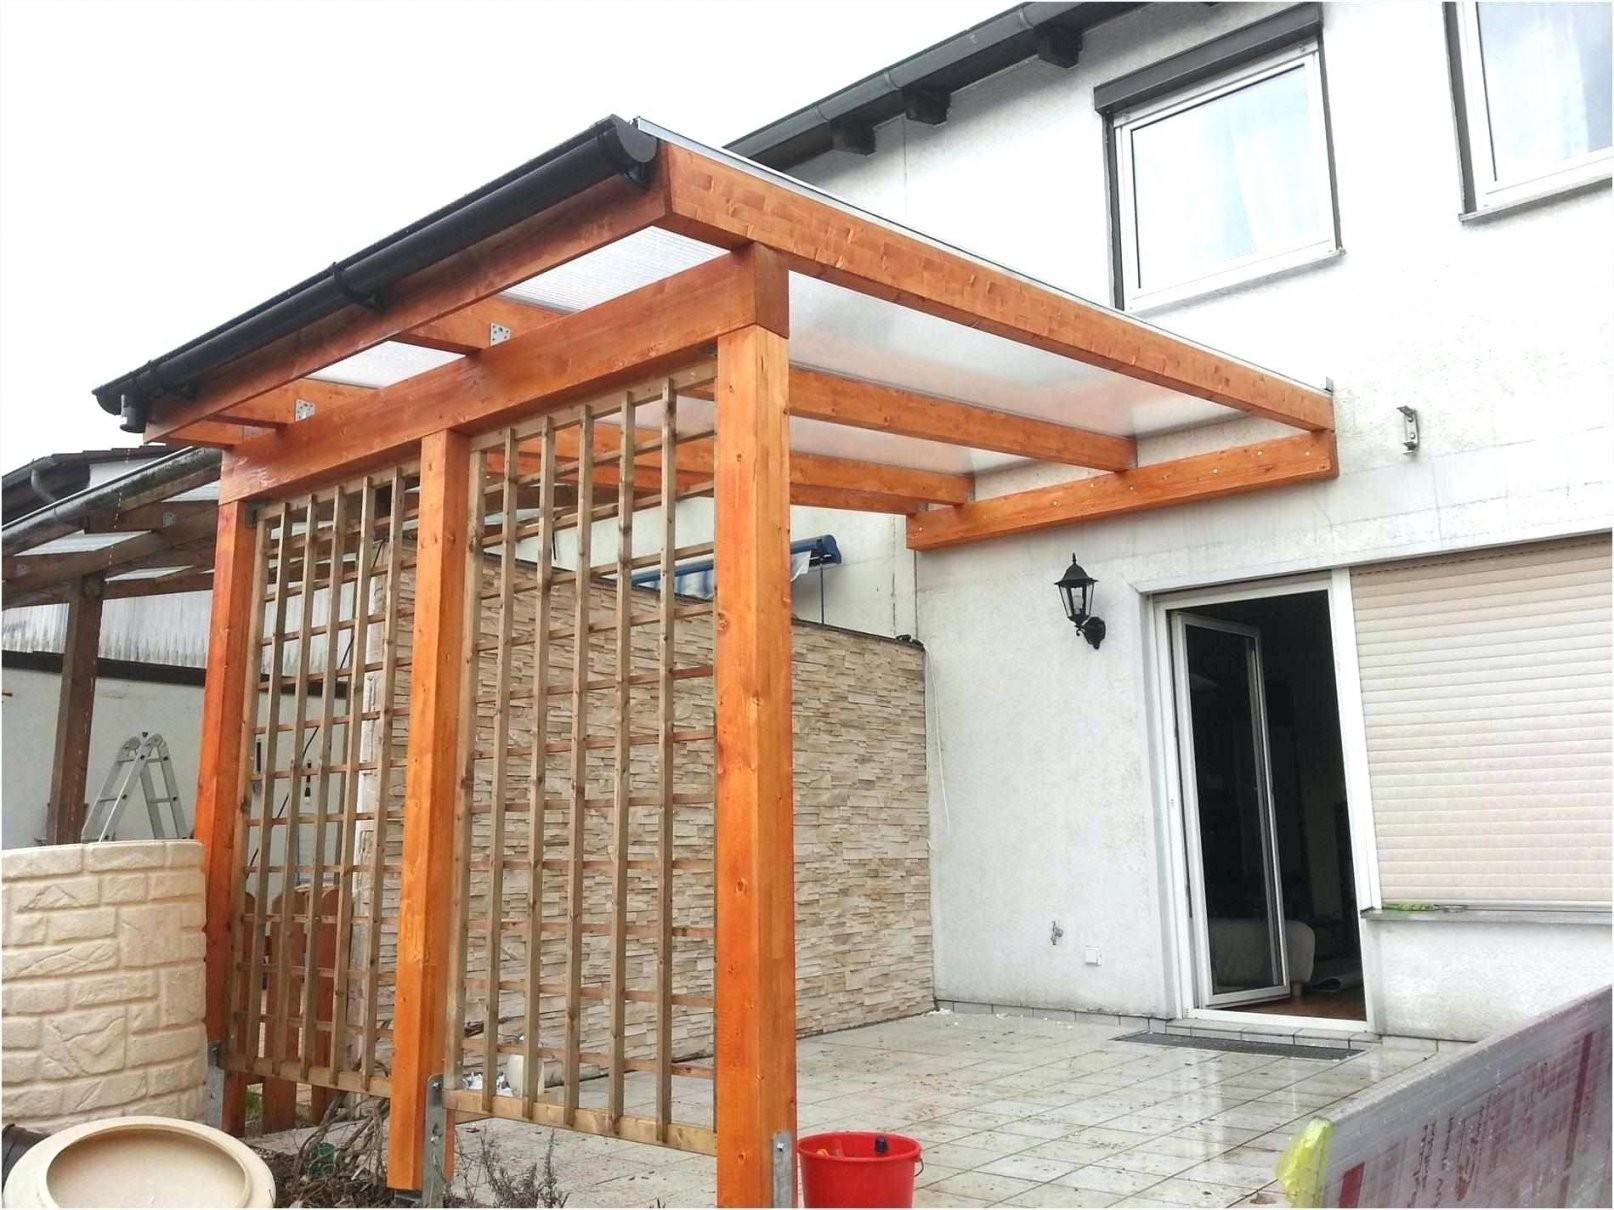 Regenschutz Balkon Herrlich Die Besten Terrasse Ideen Auf Pinterest von Regenschutz Terrasse Selber Bauen Bild